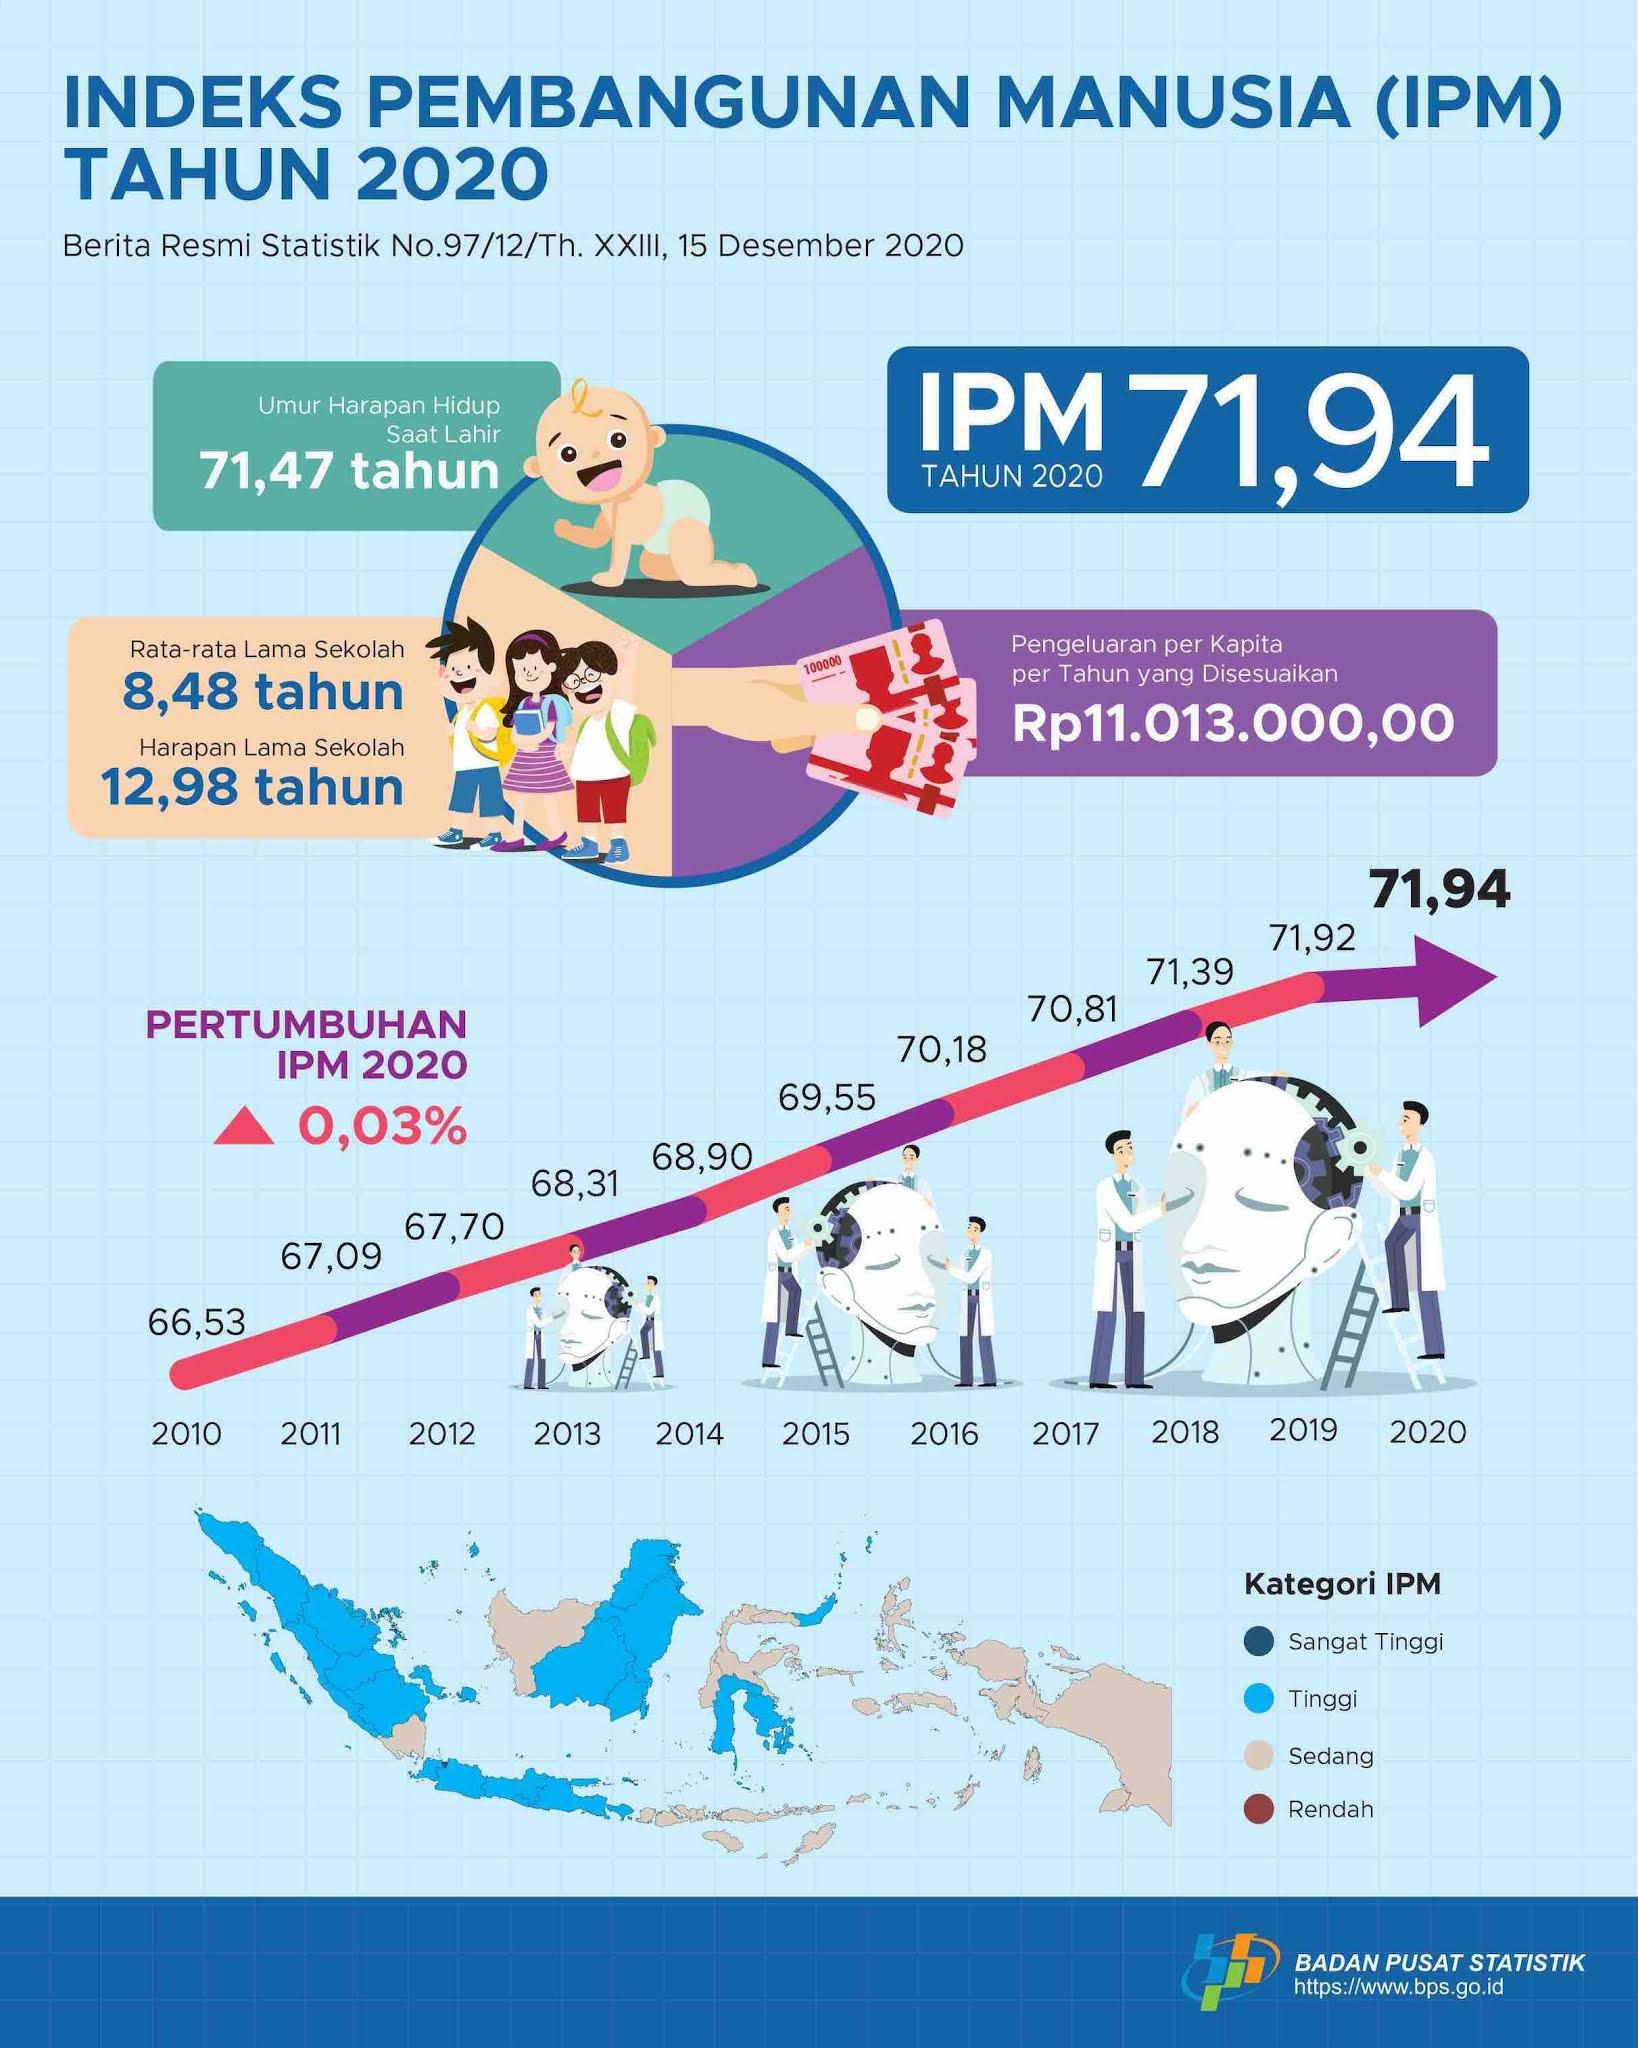 Indeks Pembangunan Manusia (IPM) Indonesia Tahun 2020